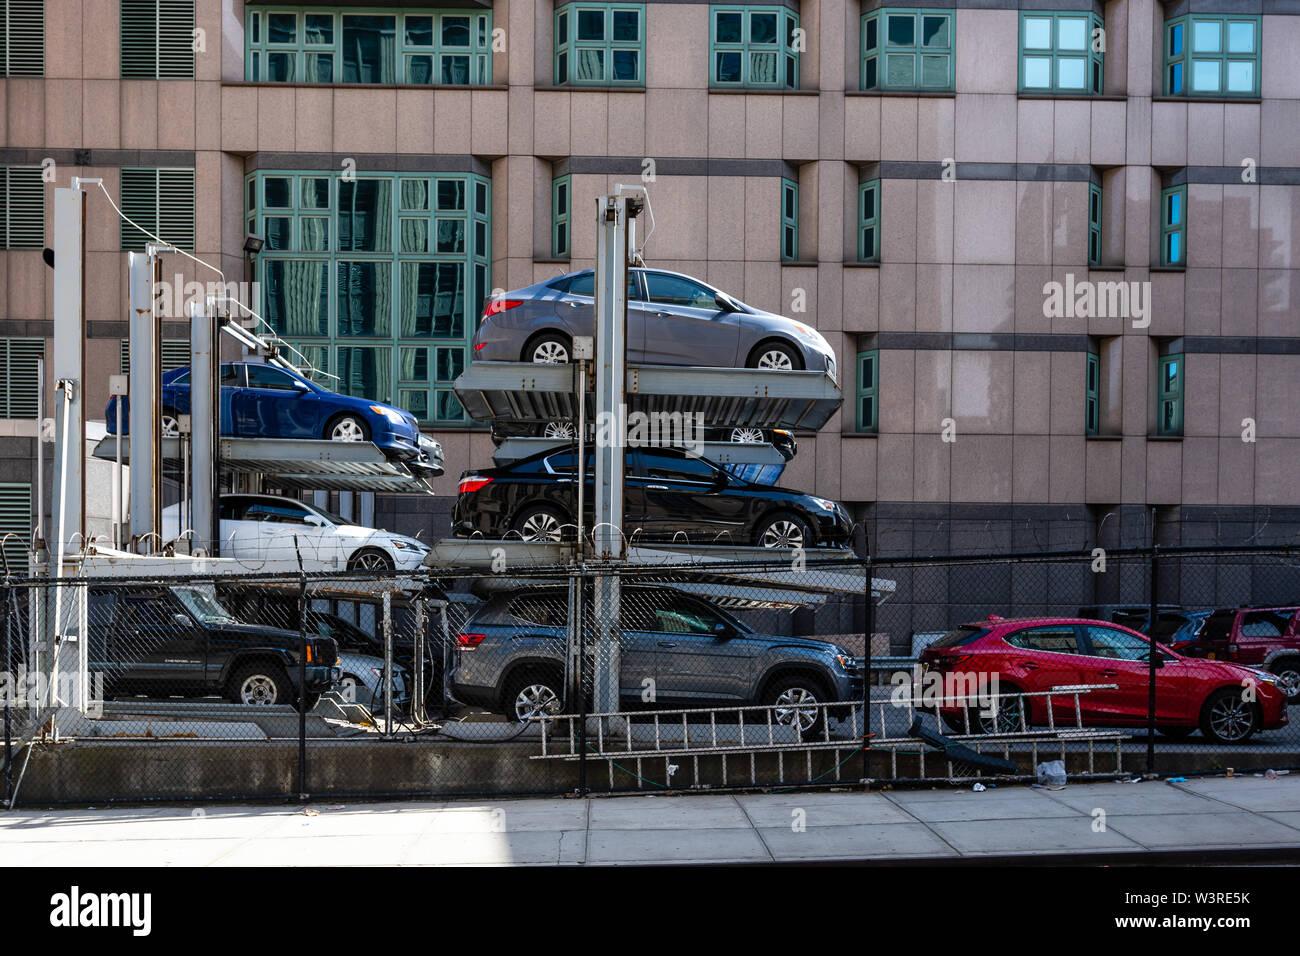 Multilevel Car Park Stock Photos & Multilevel Car Park Stock Images